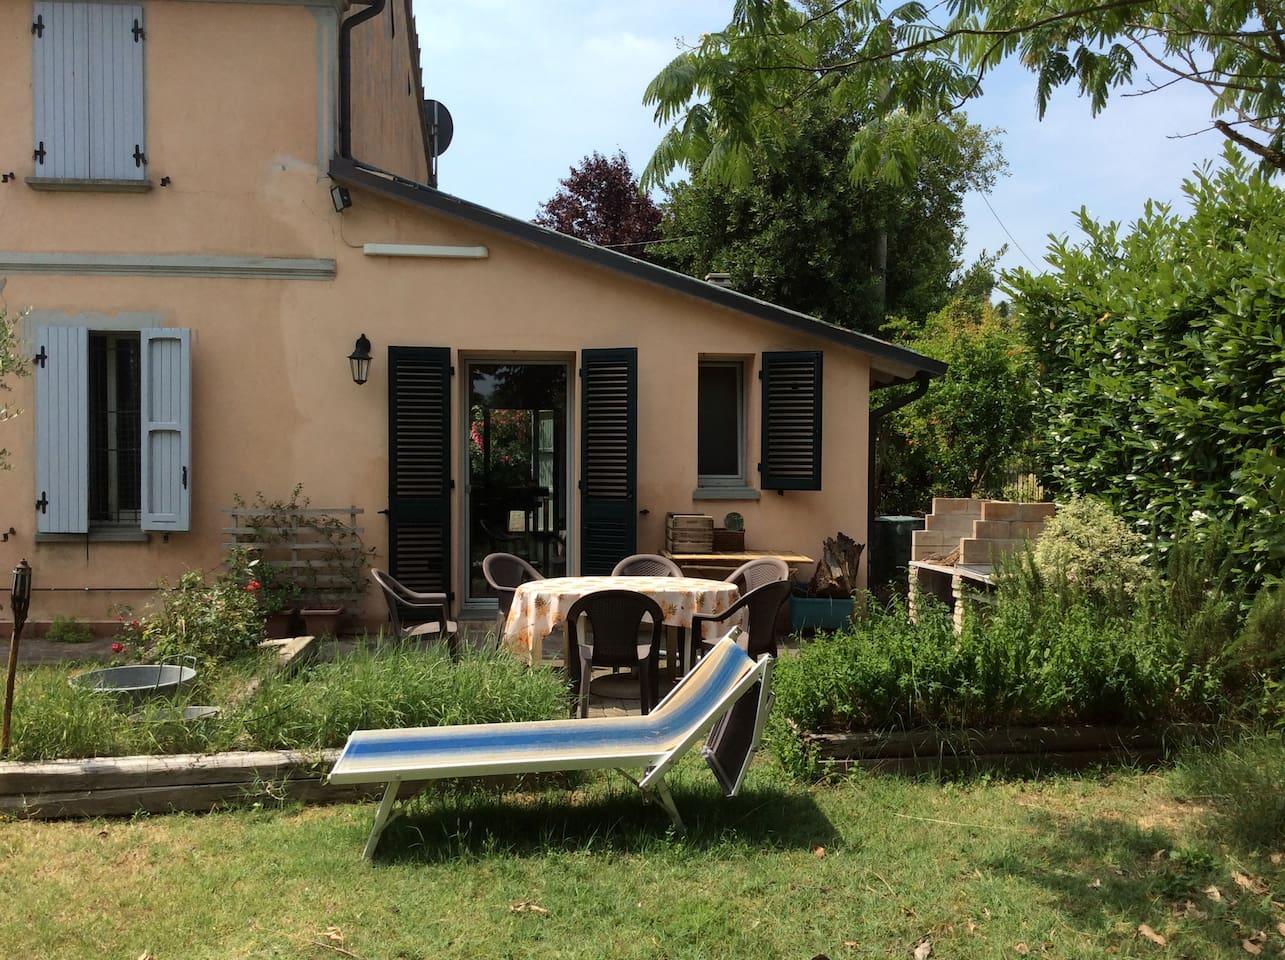 Giardino con tavolo , sedie e barbecue.